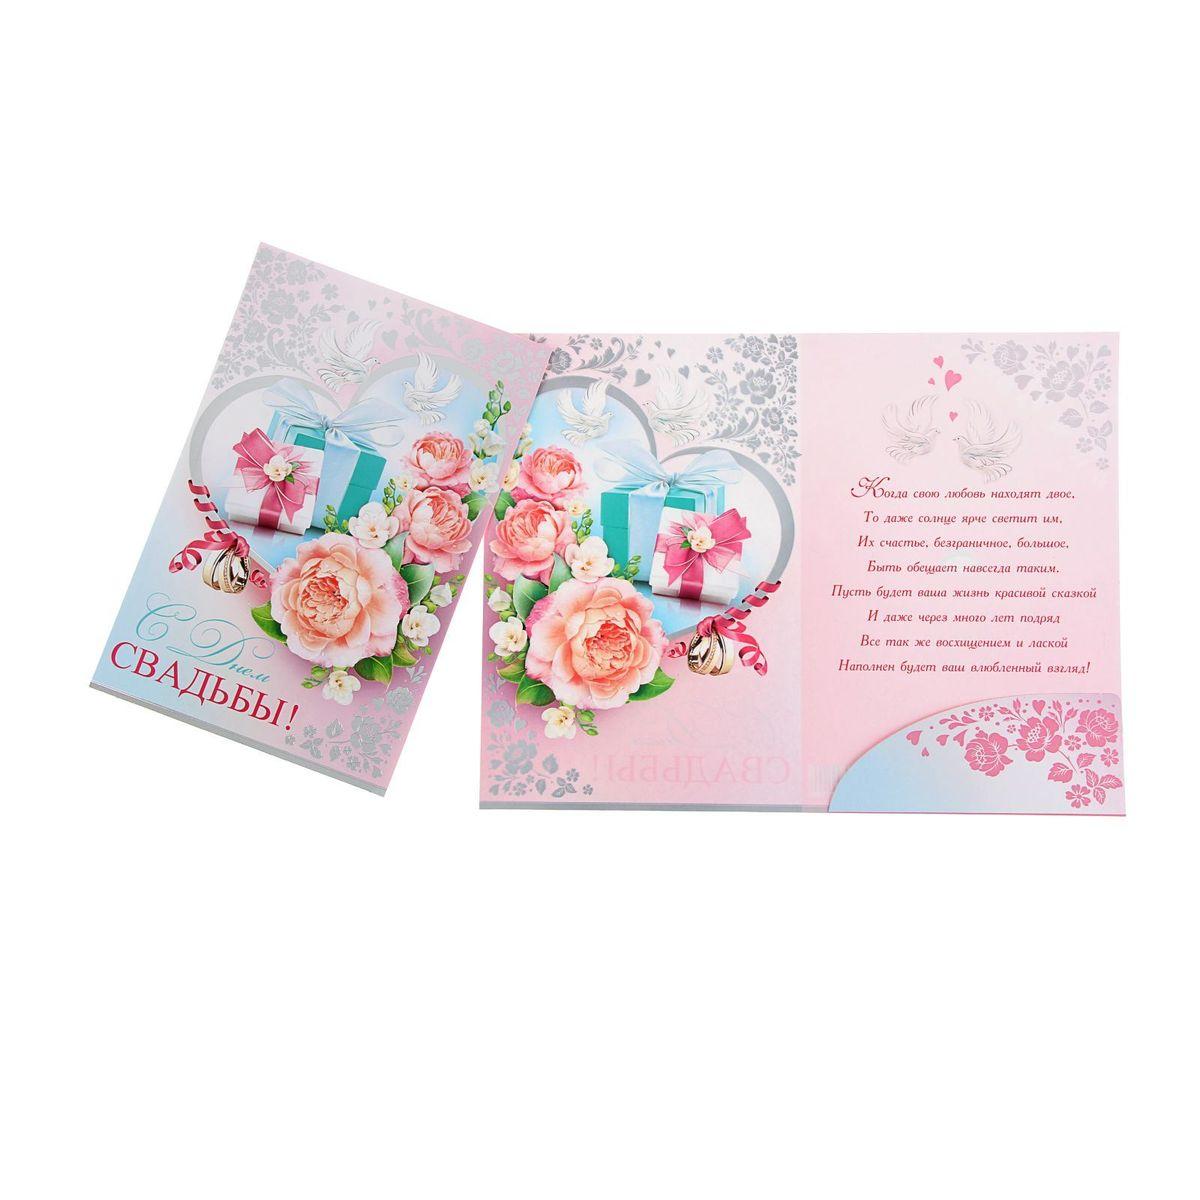 Открытка Мир открыток С Днем свадьбы! Цветы и подарки1263817Если вы хотите порадовать себя или близких, создать праздничное настроение и с улыбкой провести памятный день, то вы, несомненно, сделали правильный выбор! Открытка Мир открыток С Днем свадьбы! Цветы и подарки, выполненная из картона, отличается не только оригинальным дизайном, но и высоким качеством. Лицевая сторона изделия оформлена красивым изображением цветов, колец и подарков. Внутри открытка содержит текст с поздравлением. Такая открытка непременно порадует получателя и станет отличным напоминанием о проведенном вместе времени.